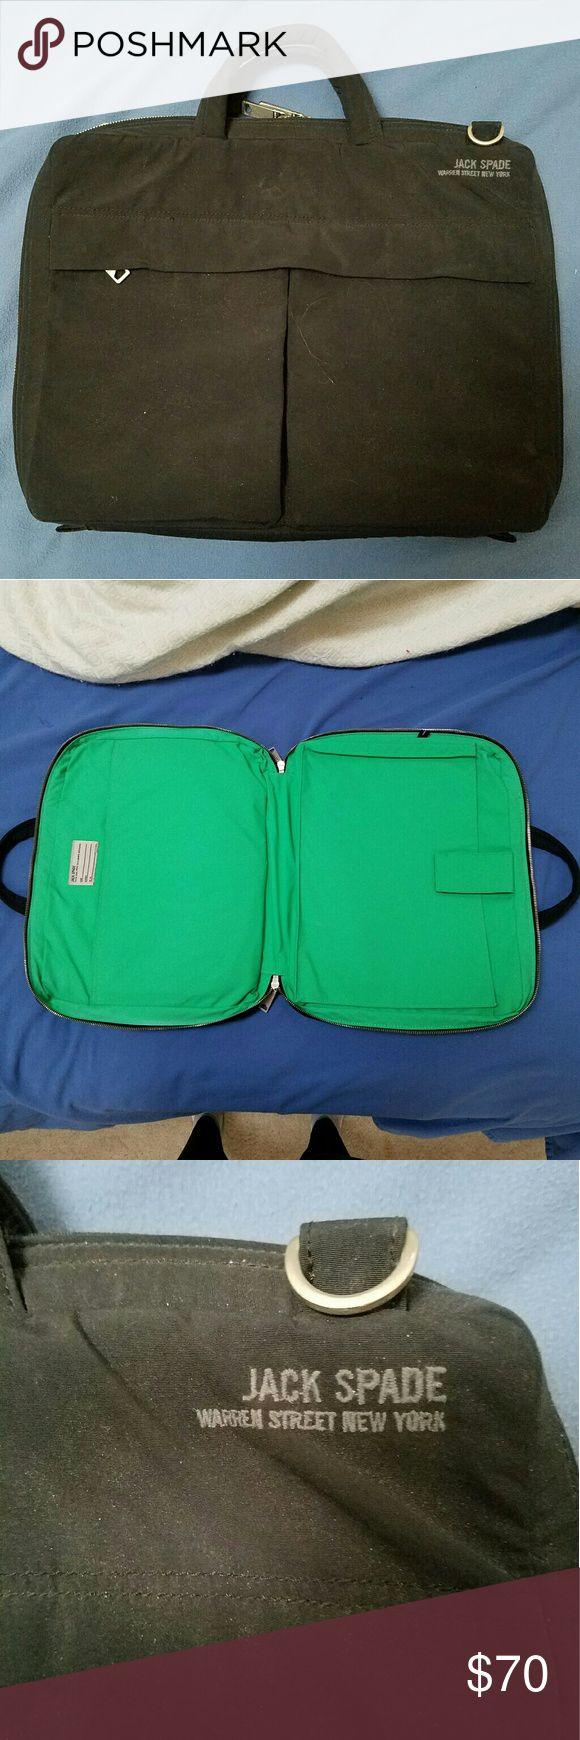 Jack Spade unisex laptop bag Designer laptop bag, black exterior green interior. Great condition, but missing the detachable long shoulder strap. Make an offer! Jack Spade Bags Laptop Bags